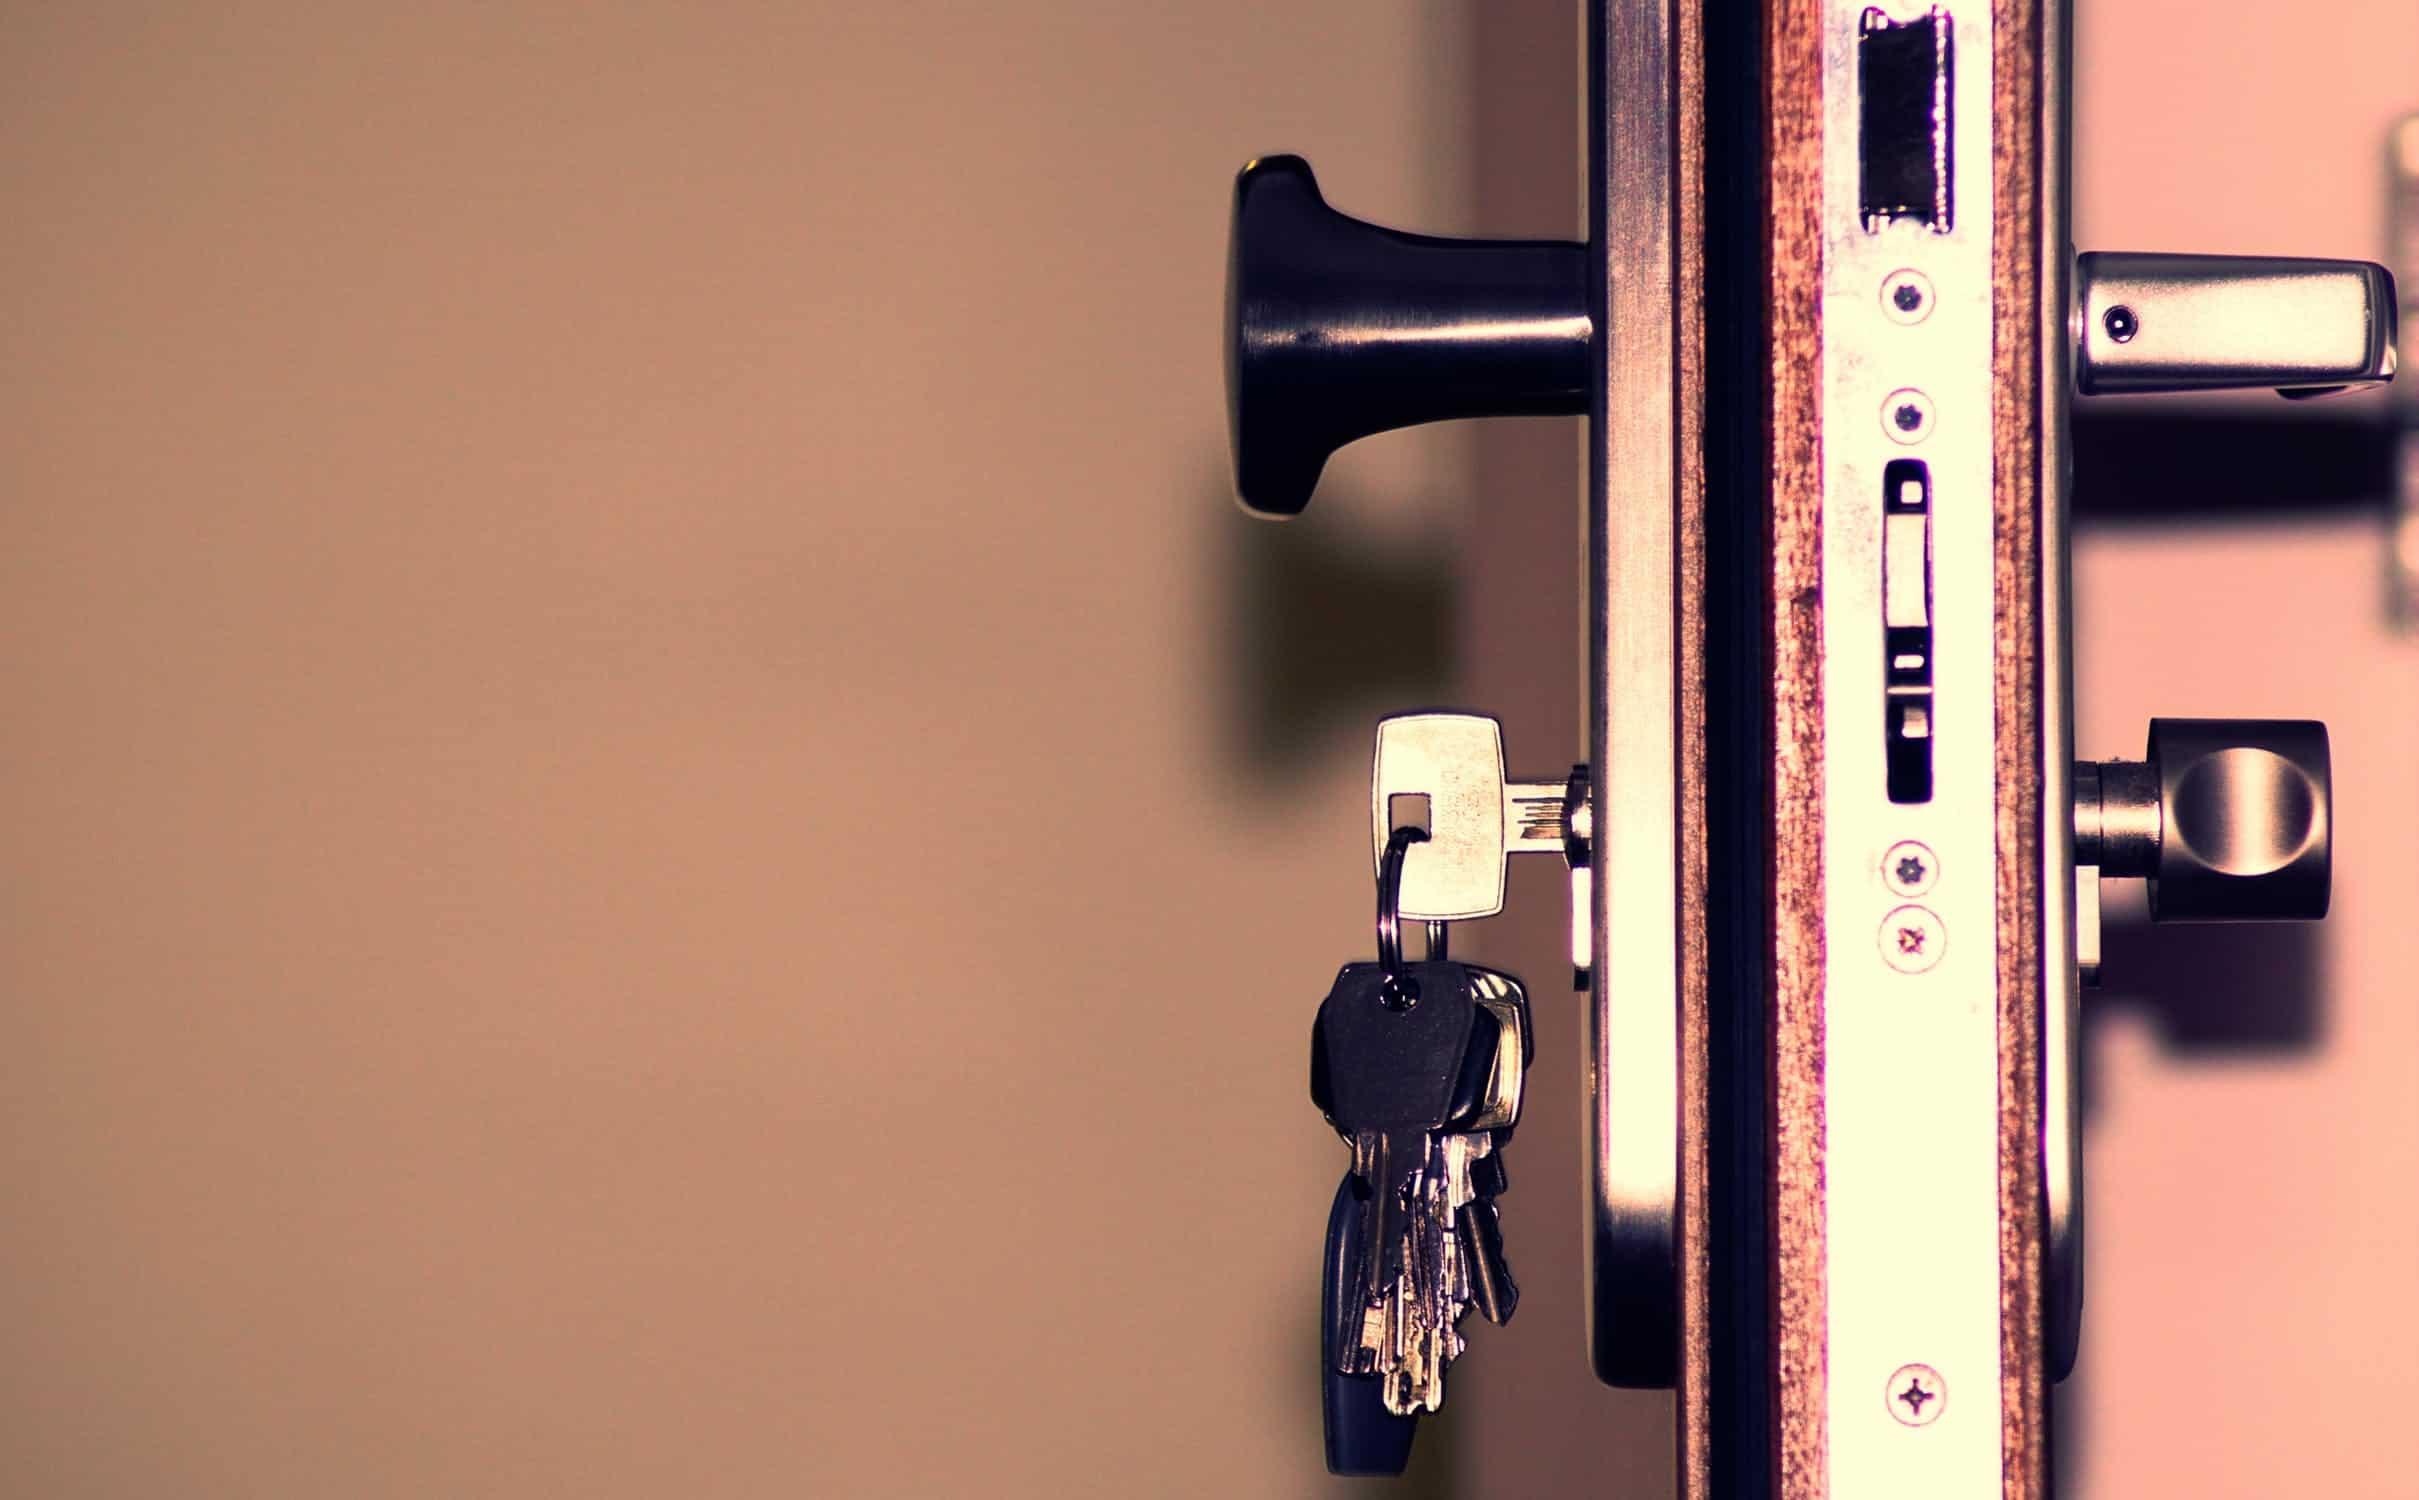 patio door locks, how do they work?